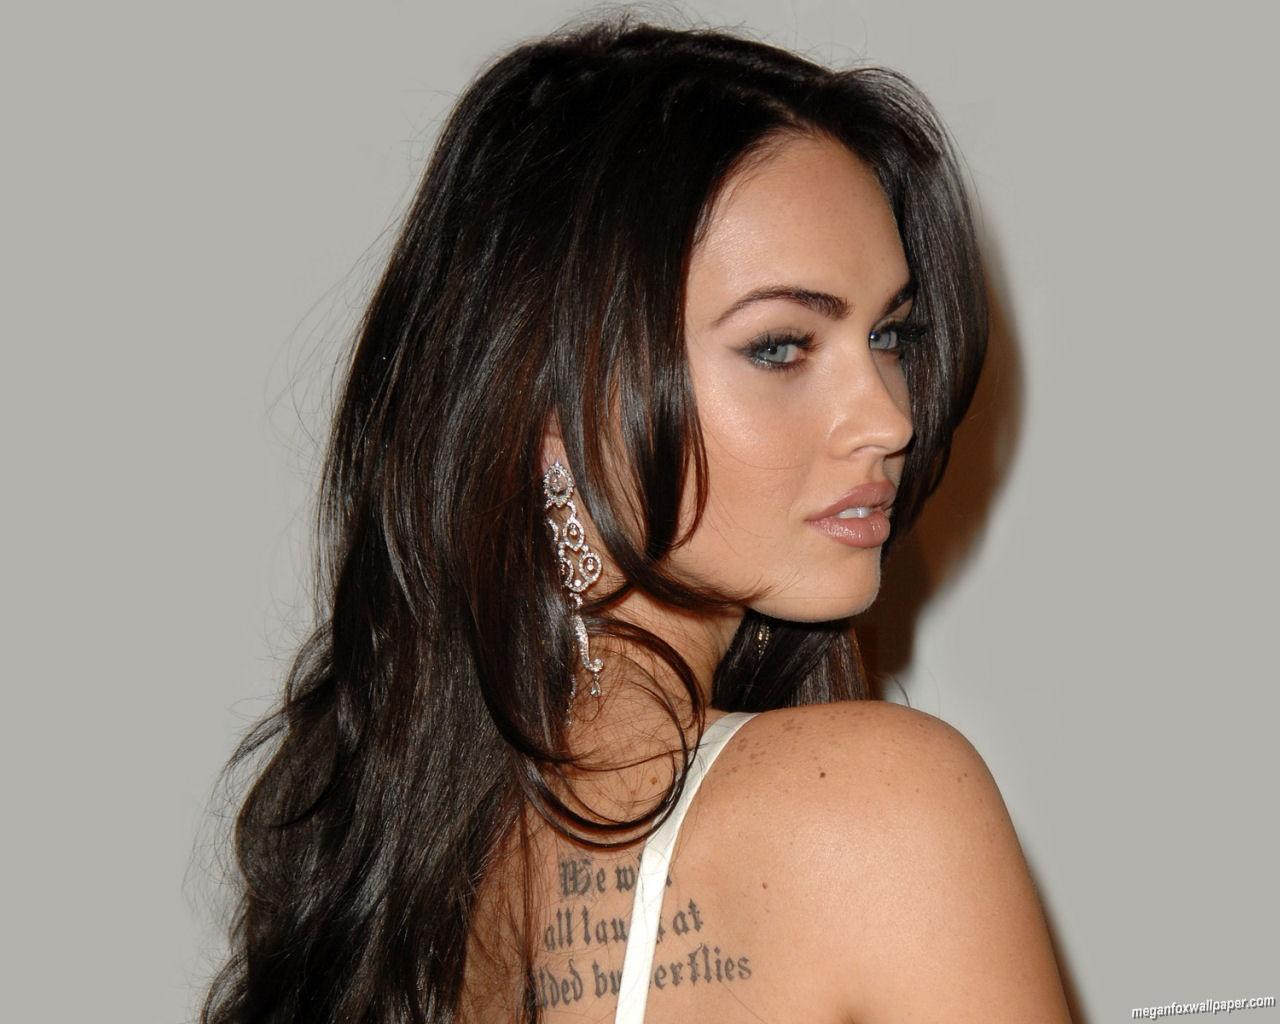 http://2.bp.blogspot.com/-BWVzbHihW6w/Ta9yotCqVdI/AAAAAAAAA-M/g5LT7dM2H0Y/s1600/Megan_fox_wallpaper_Tattoo.jpg